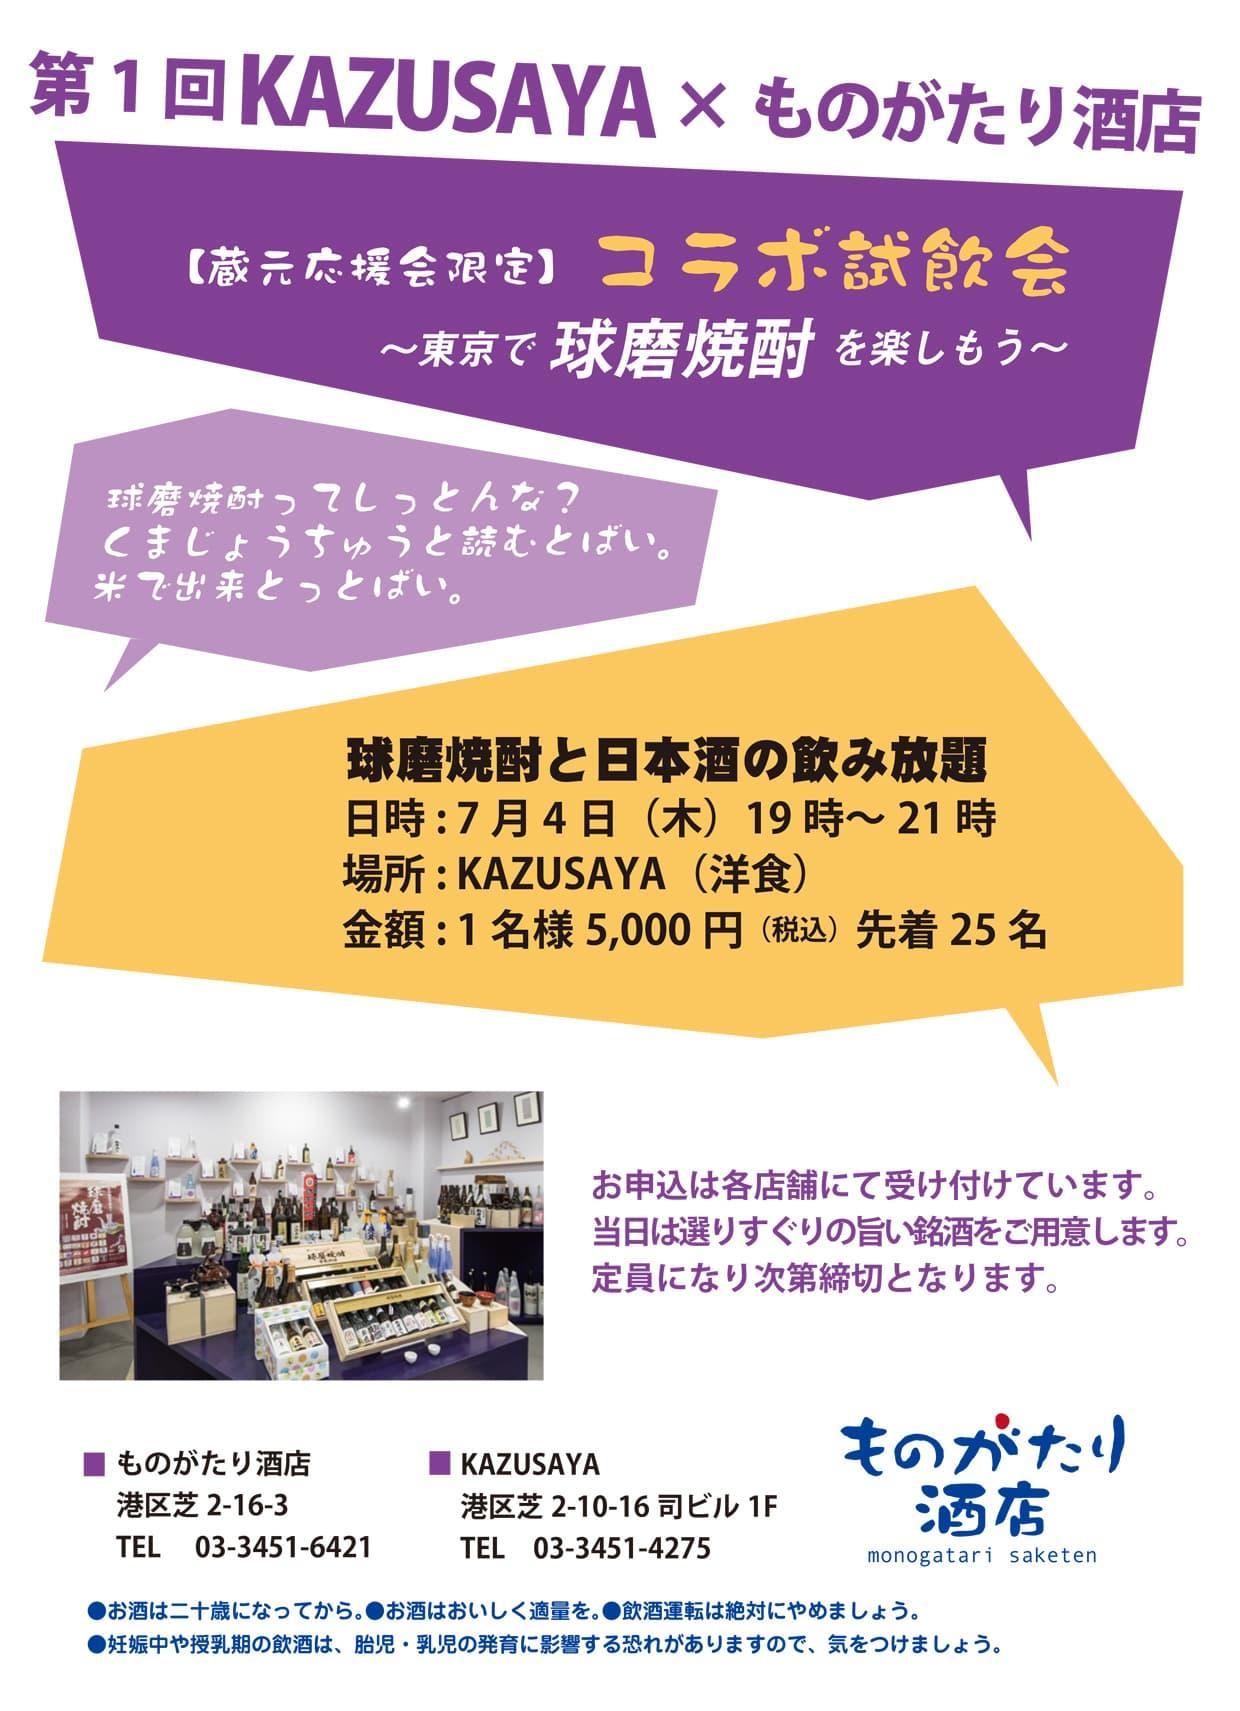 第1回 KAZUSAYA ✕ ものがたり酒店 コラボ試飲会(パンフレット)